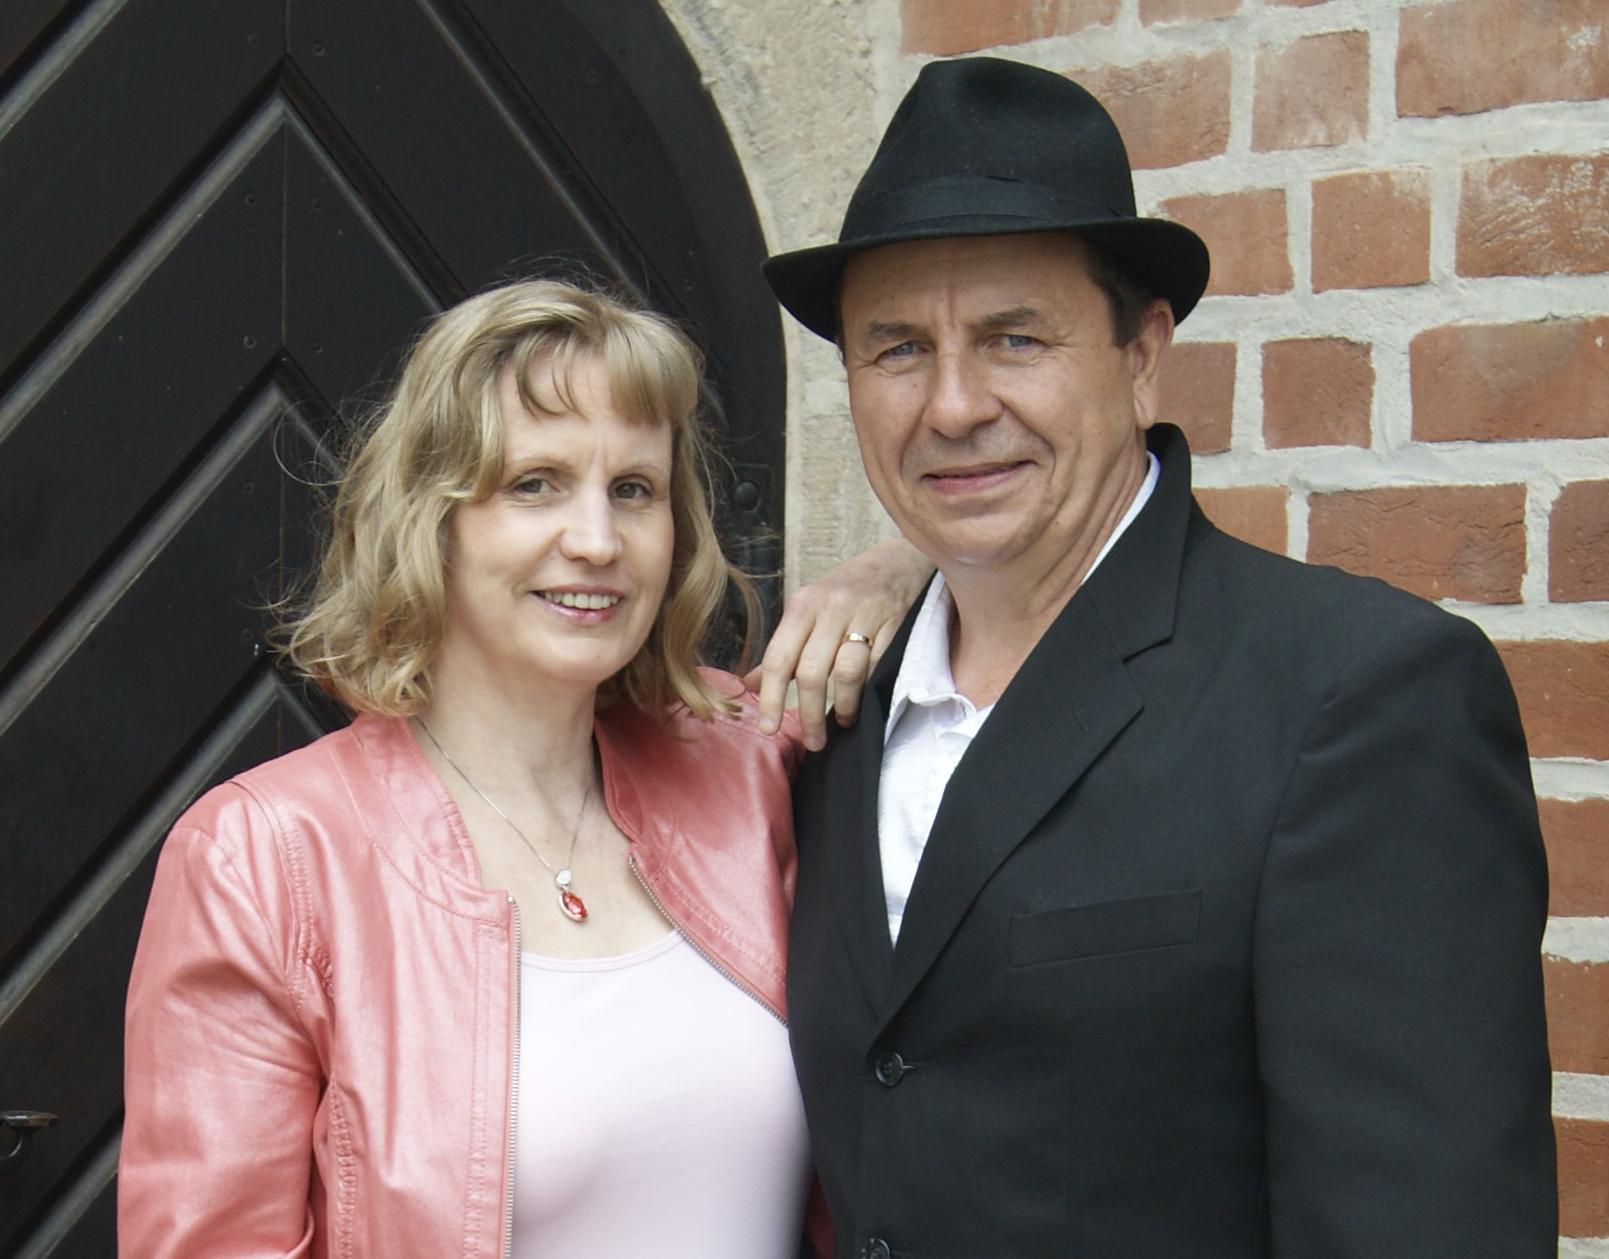 Sibyll Ciel und Rainer Wein - Musik liegt in der Luft - Bühnenshows und Auftritte